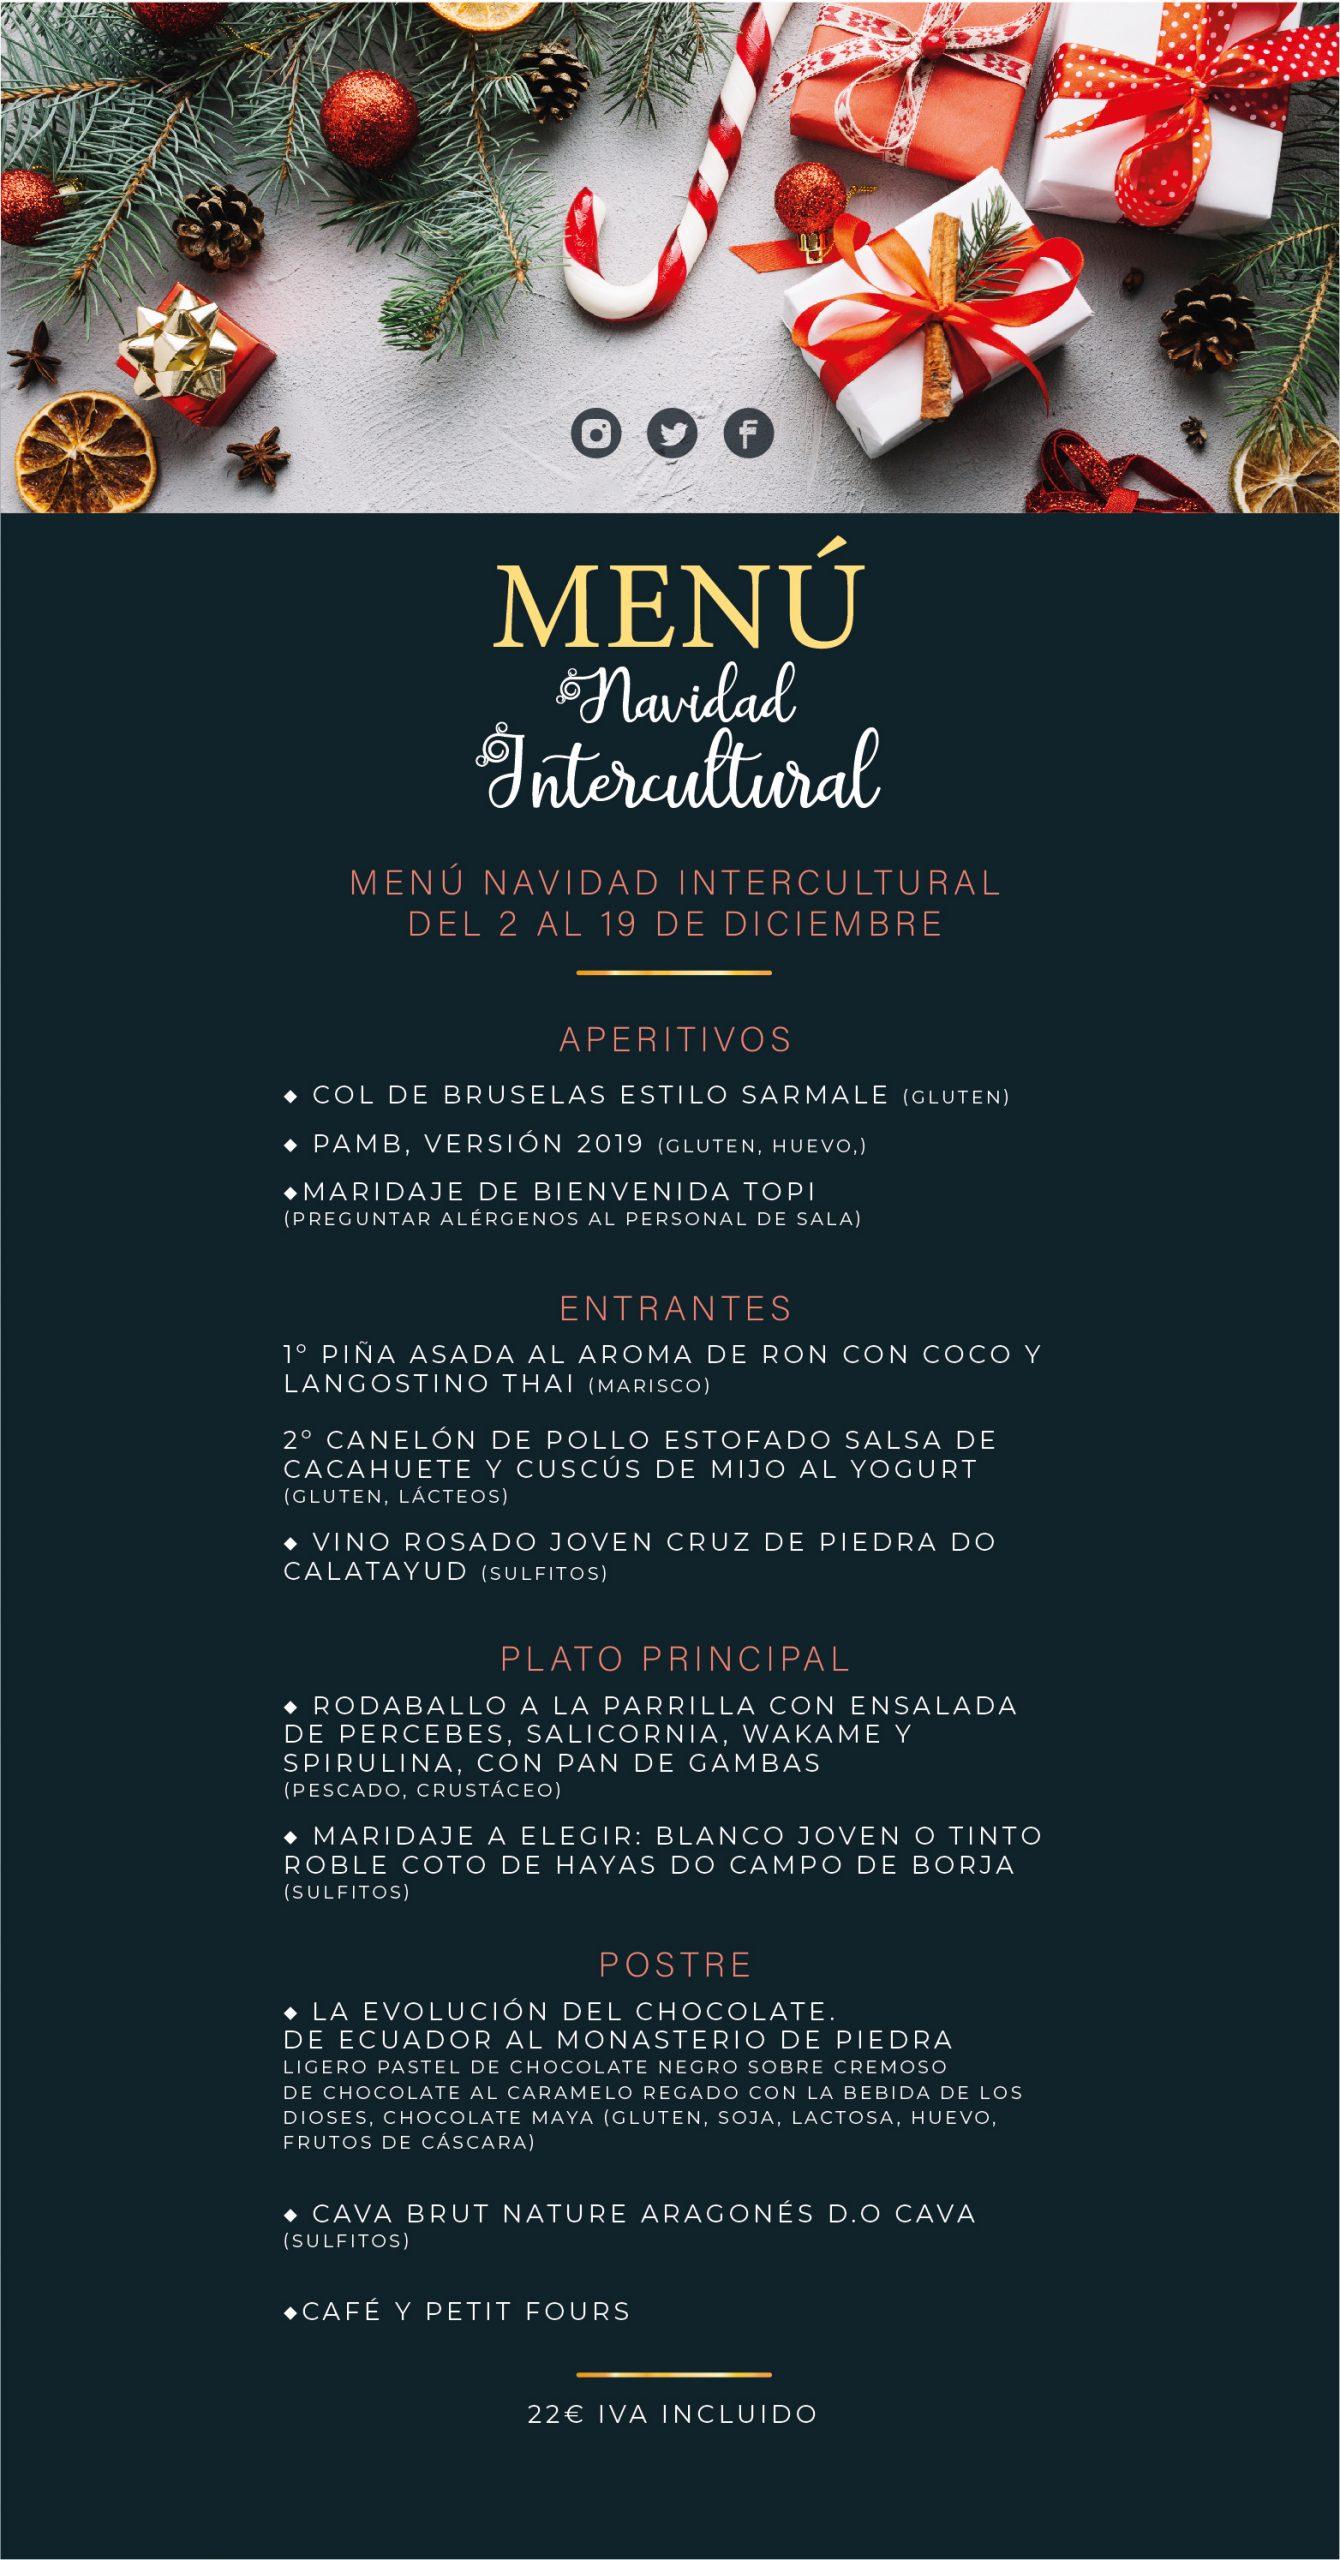 Menú Navidad Intercultural 2019 TOPI